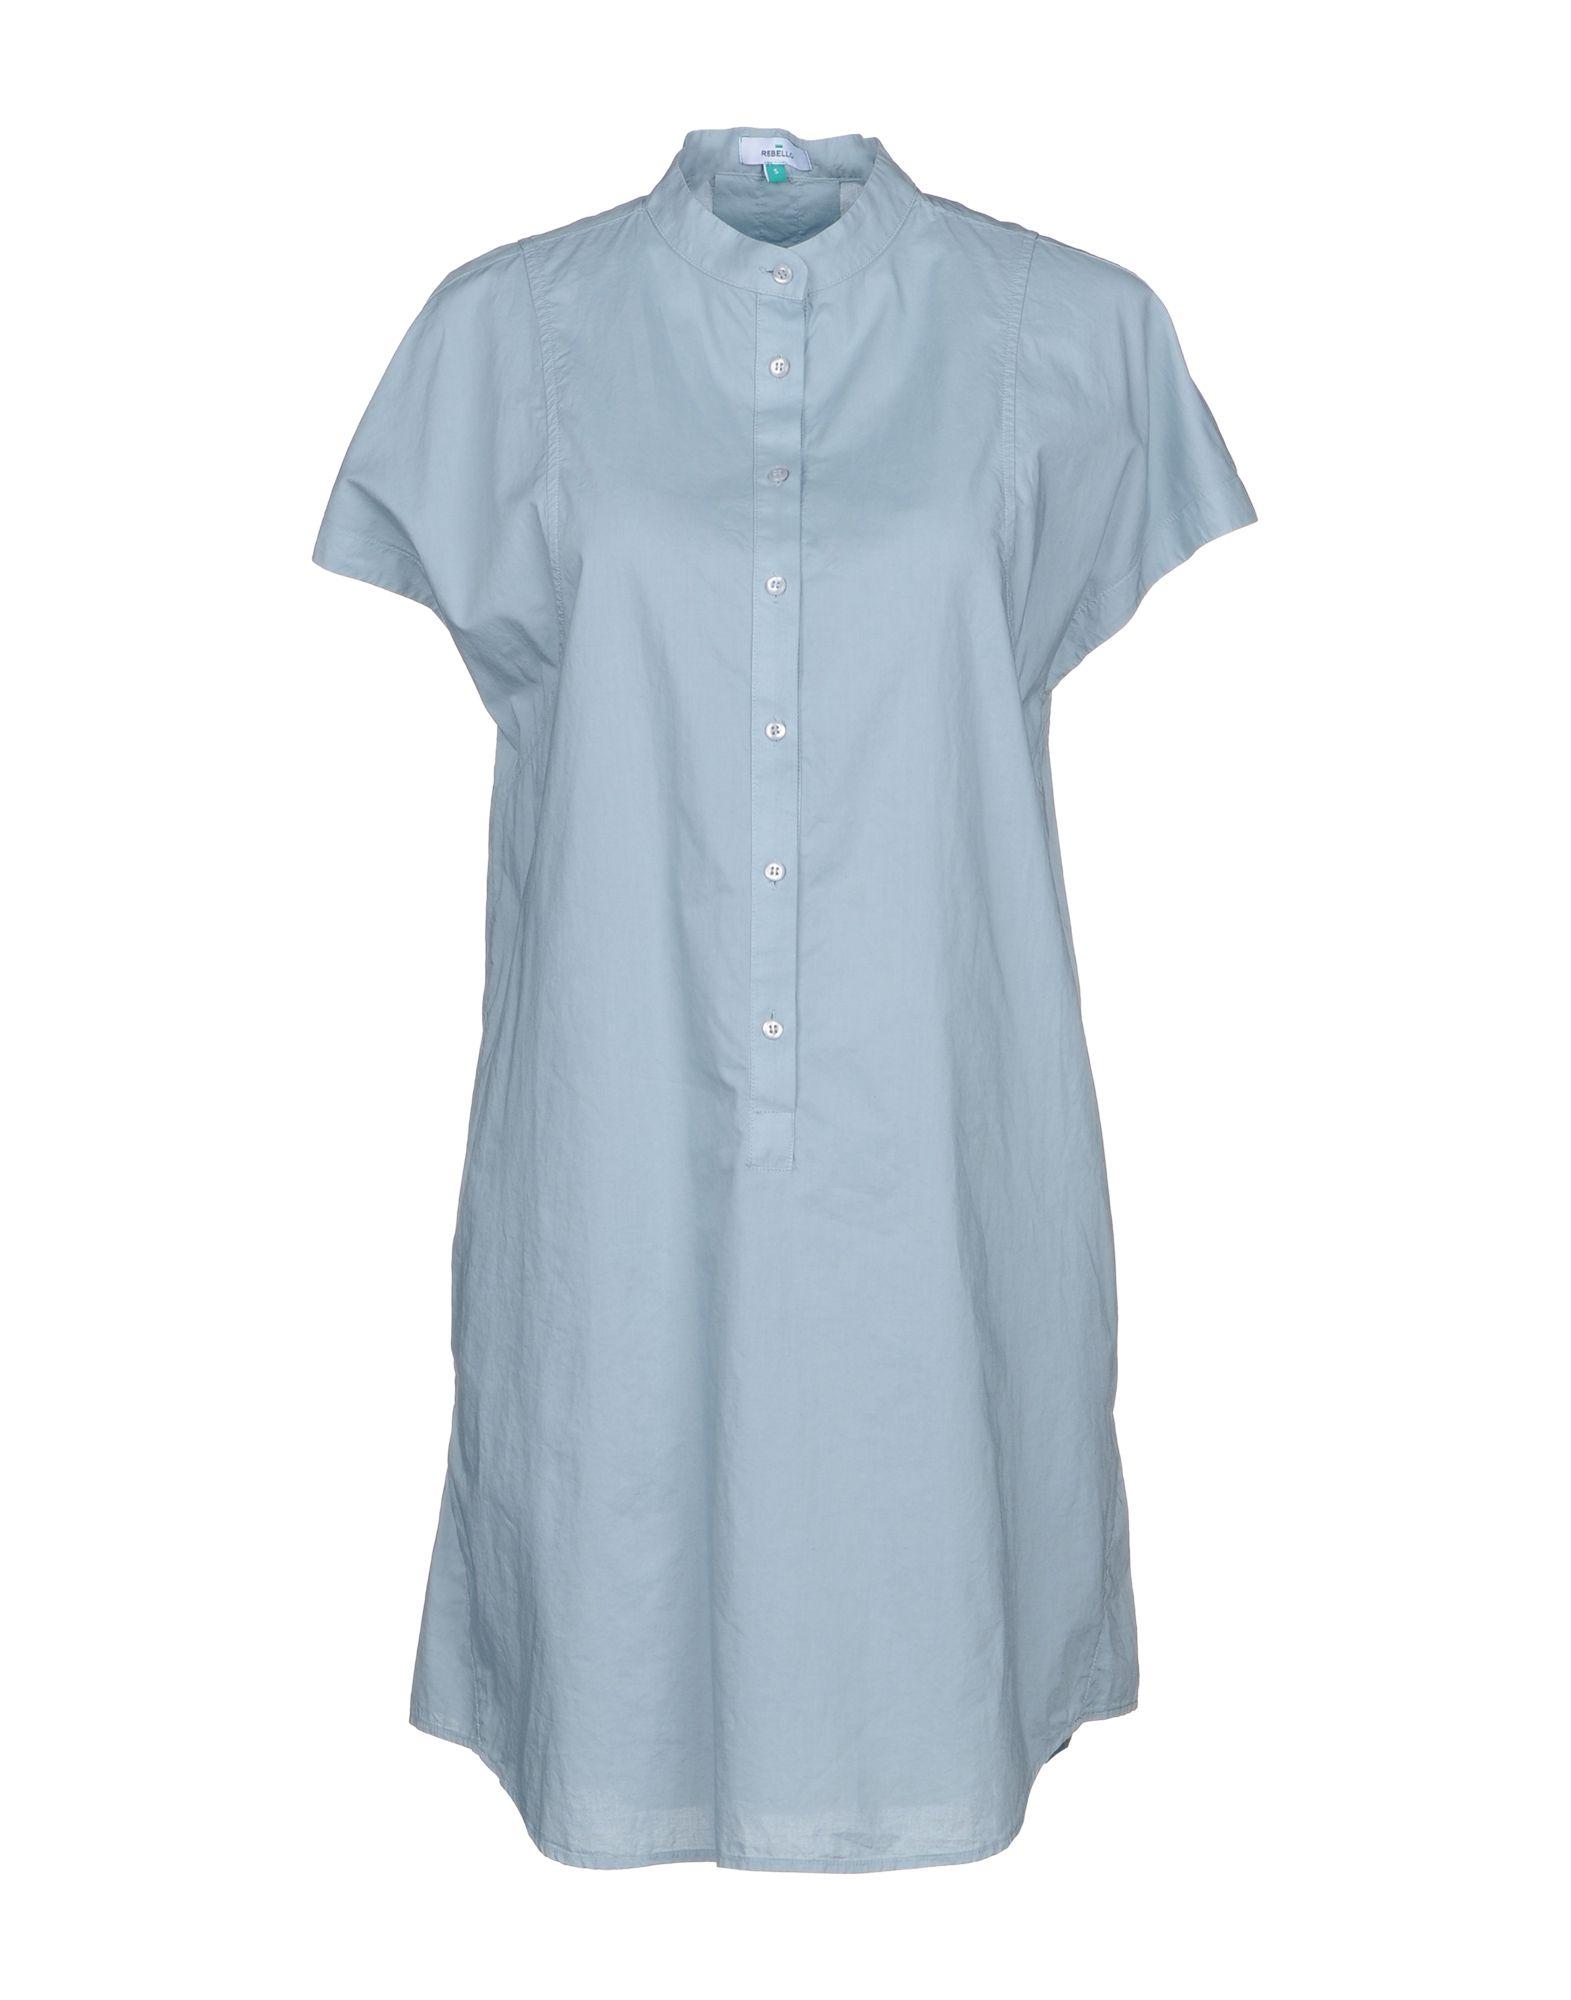 REBELLO Короткое платье платье рубашка fox yulia sway платье рубашка fox